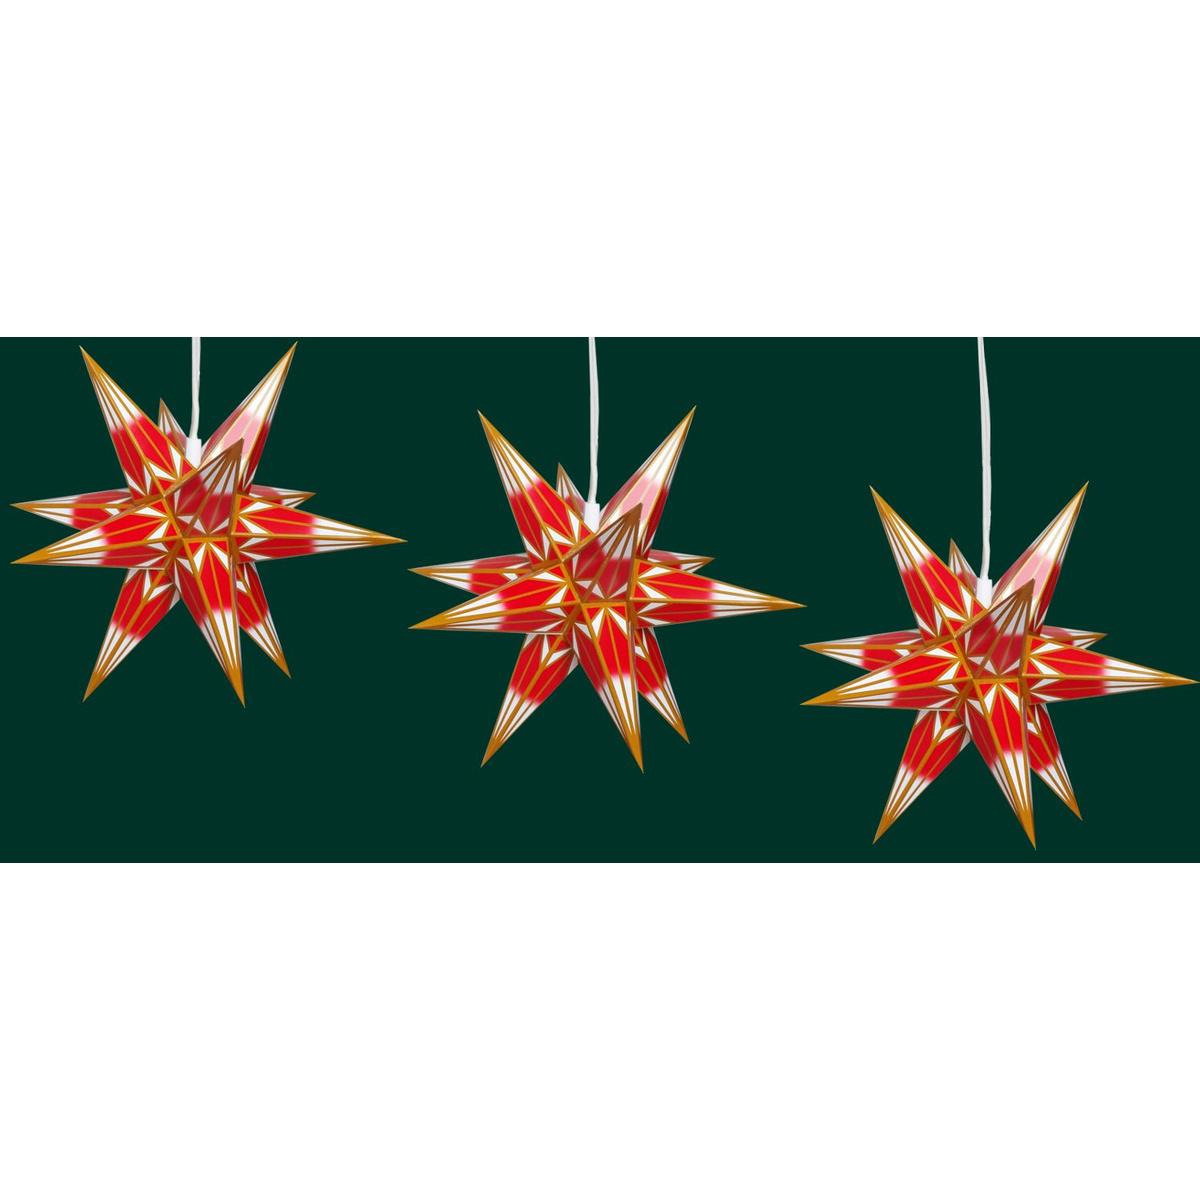 hasslauer stern mini f r innen rot mit goldmuster von hasslauer weihnachtssterne shop. Black Bedroom Furniture Sets. Home Design Ideas